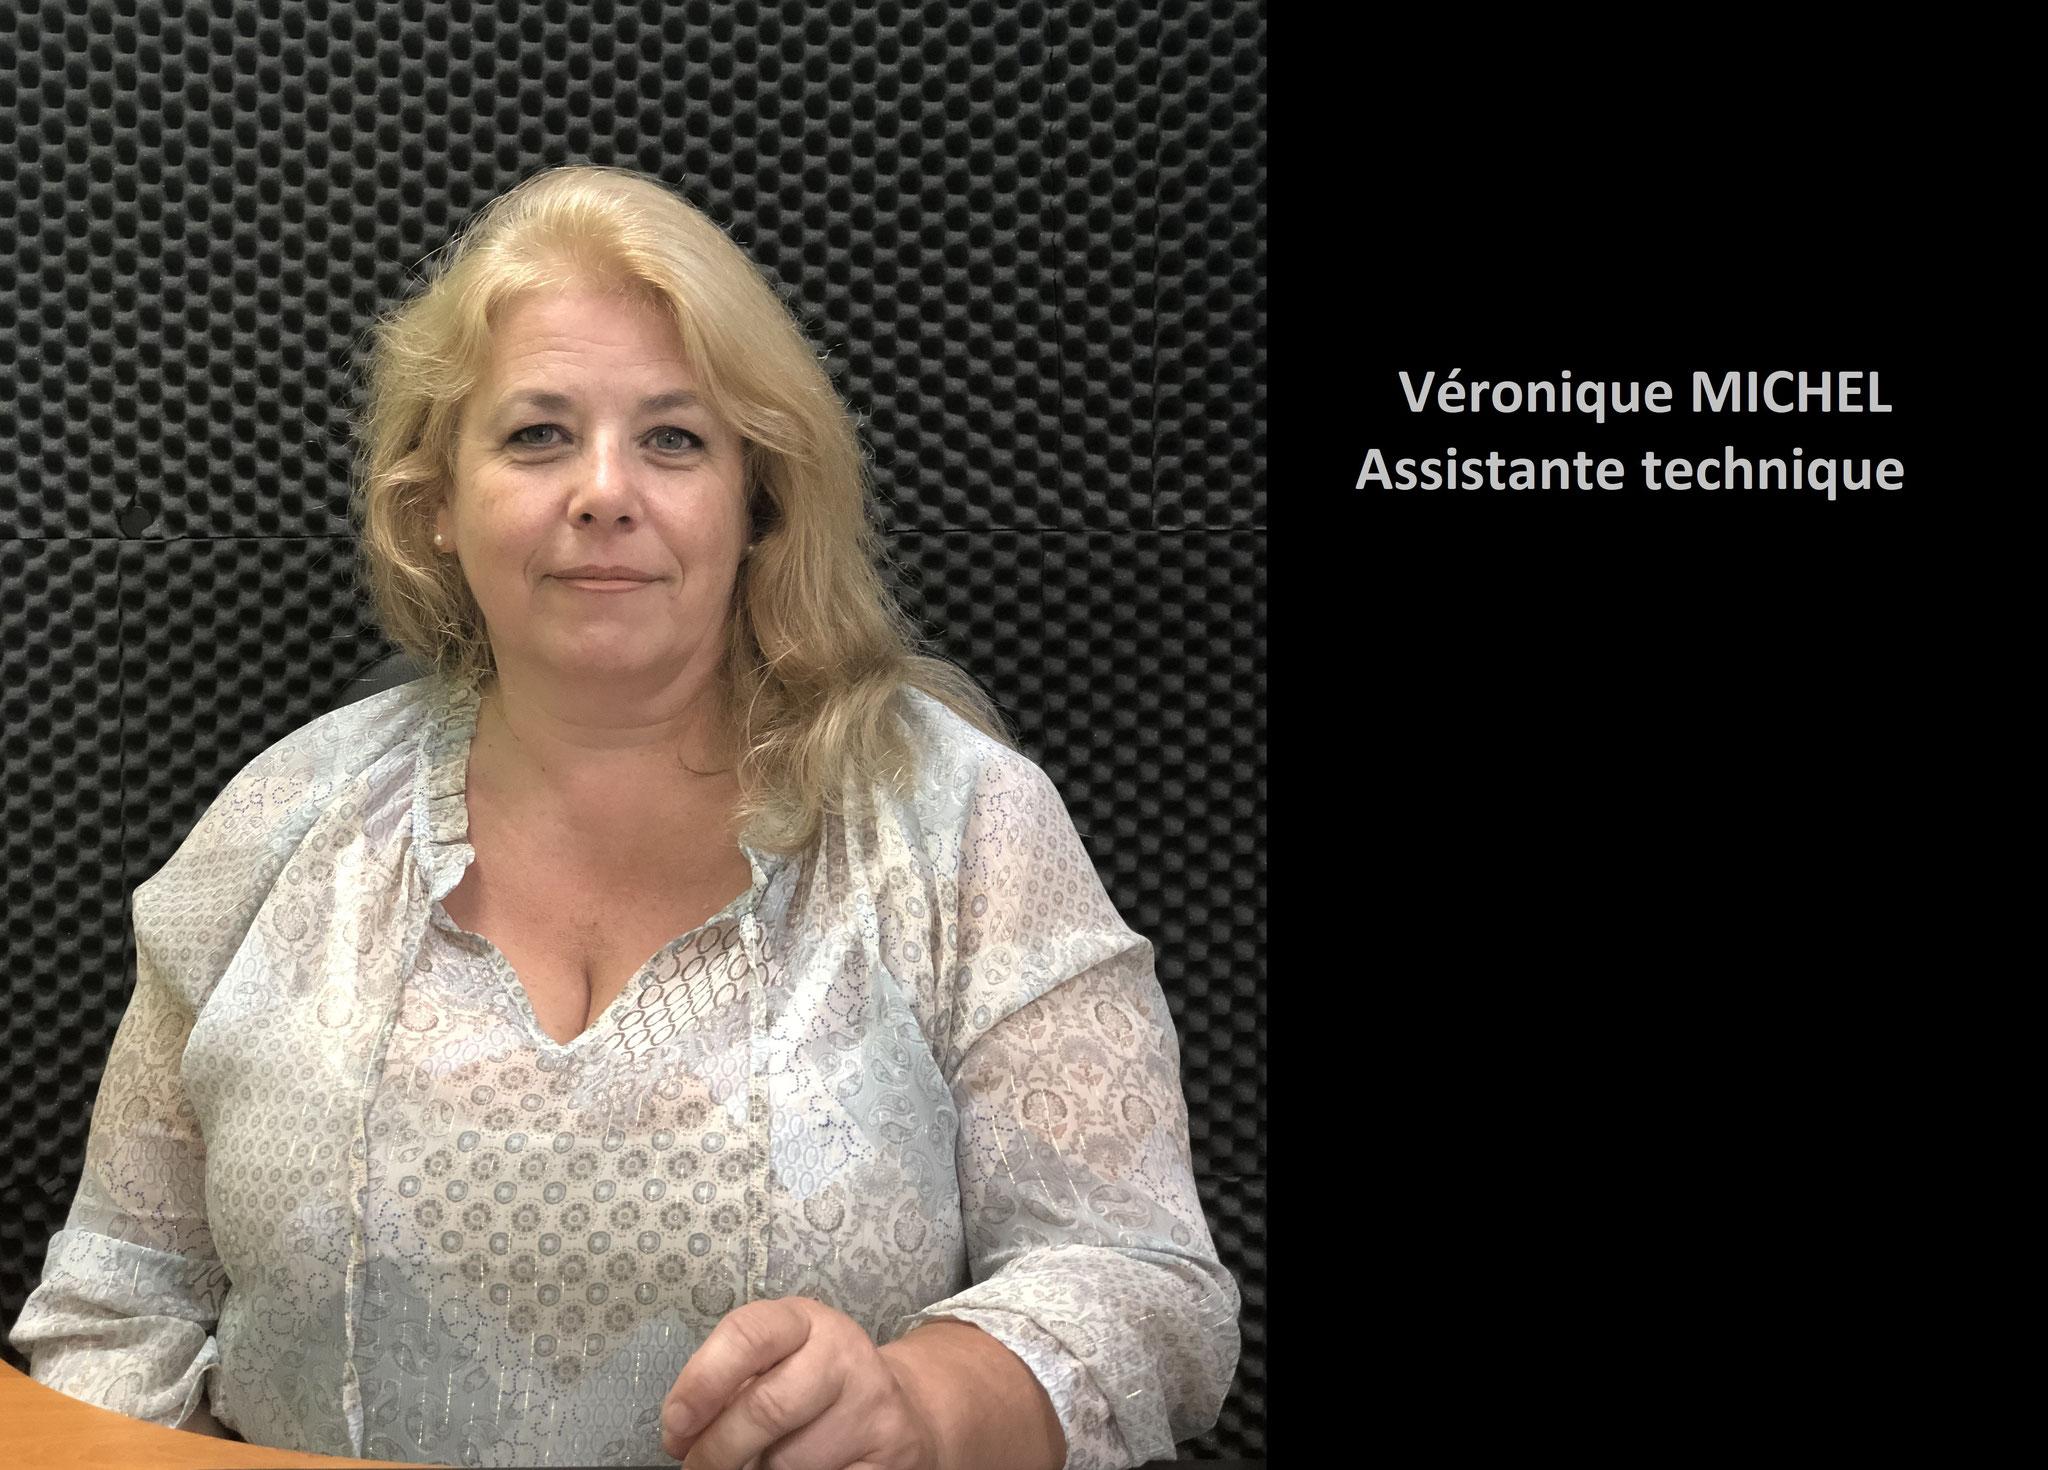 Véronique MICHEL assistante audioprothésiste sur Saint-Nazaire